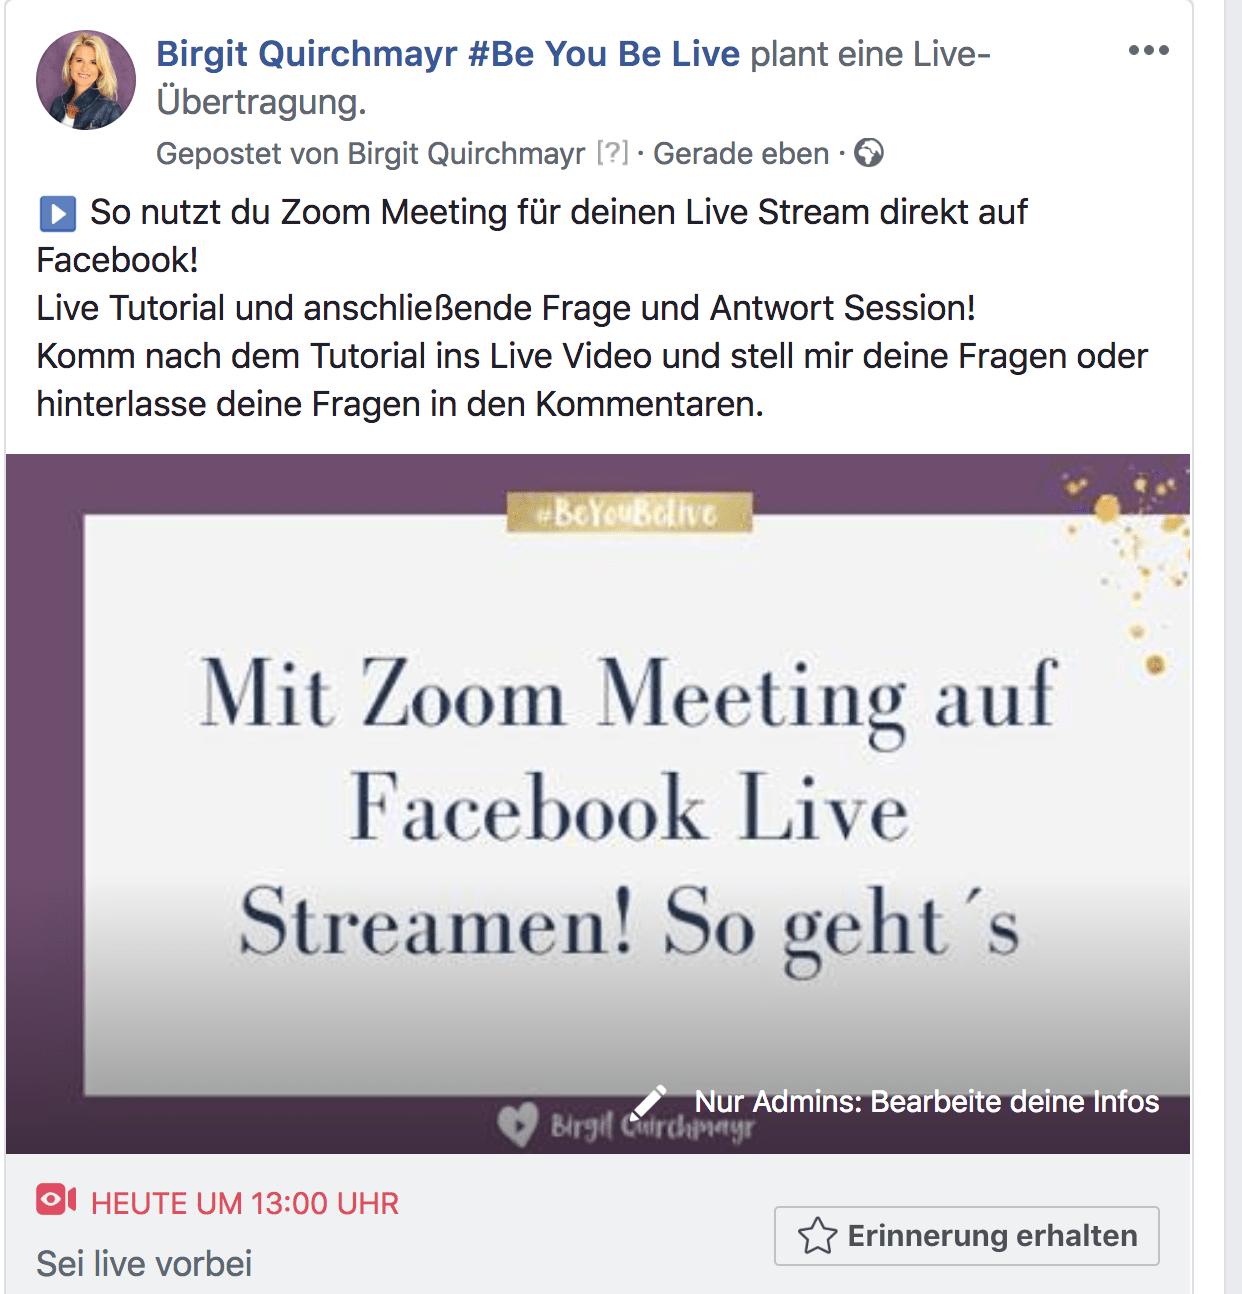 Geplantes Facebook Live Video mit individuellem Vorschaubild